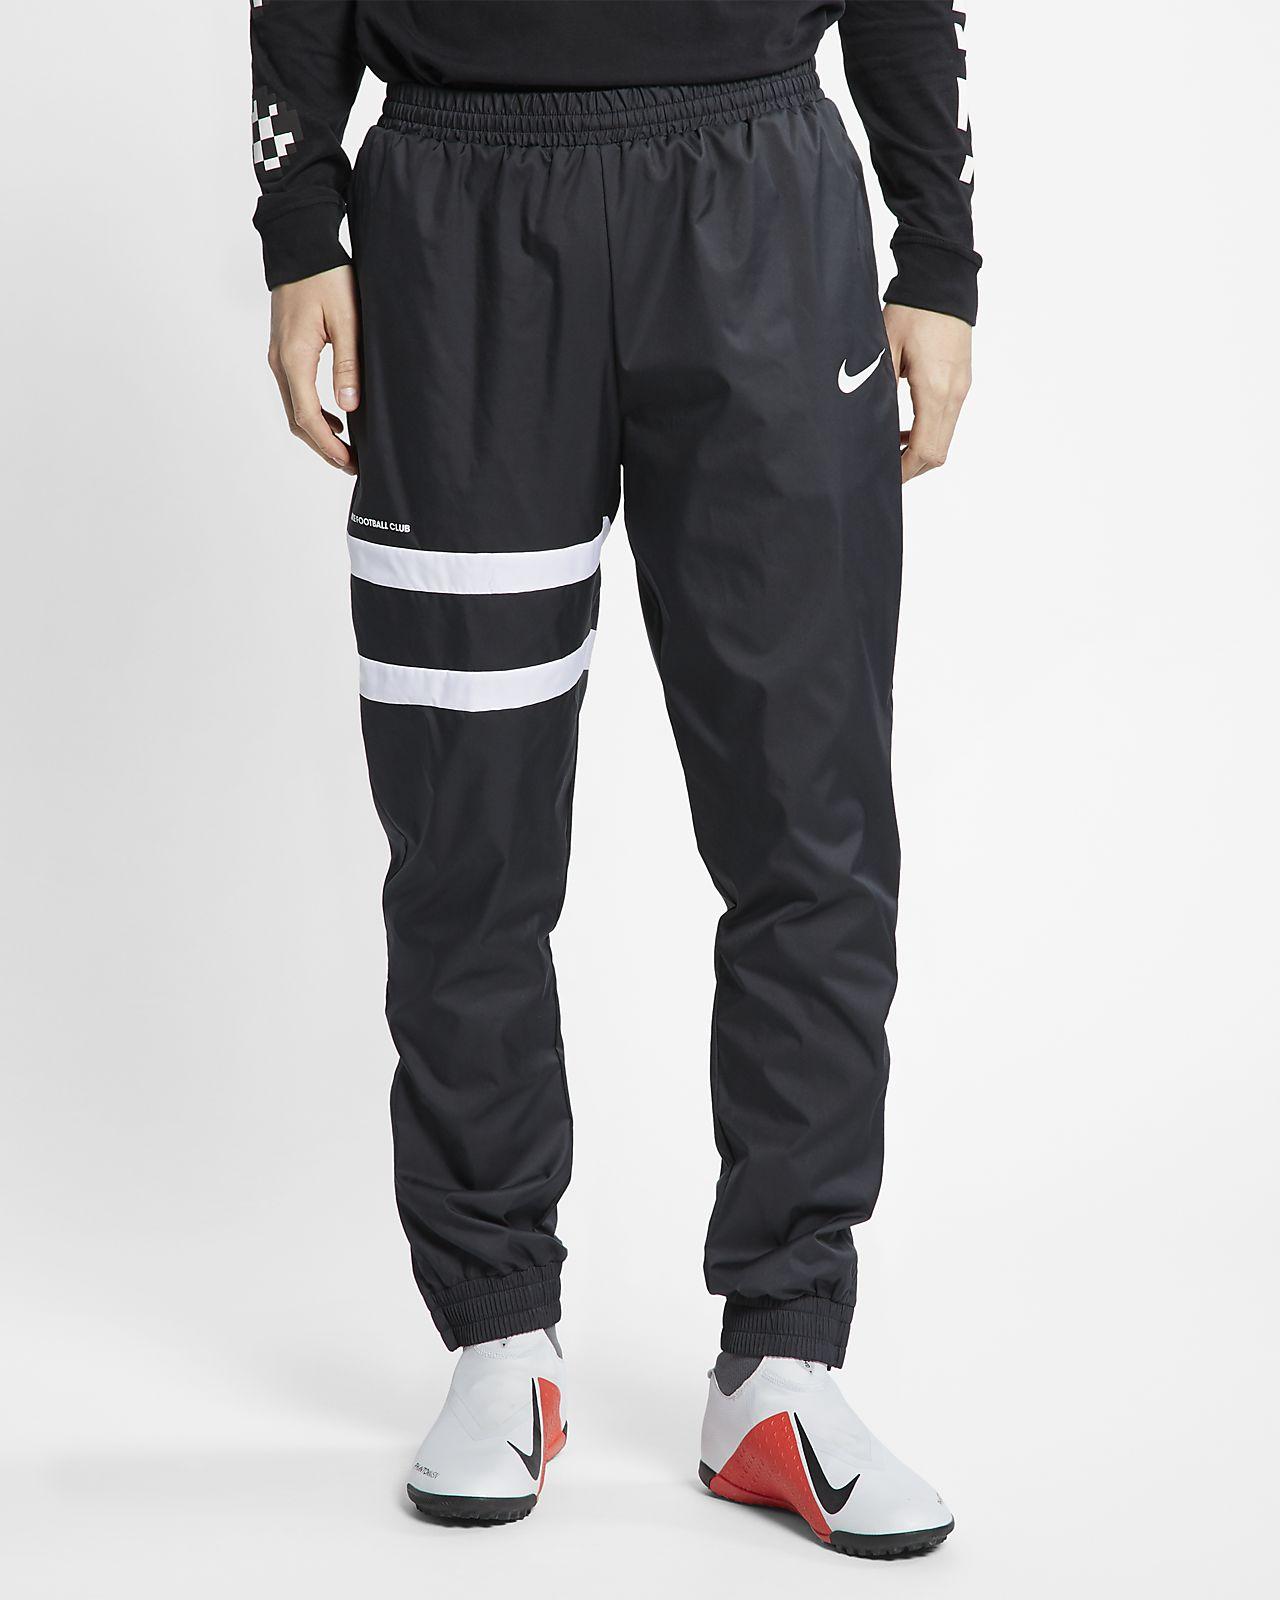 Męskie spodnie piłkarskie Nike F.C.